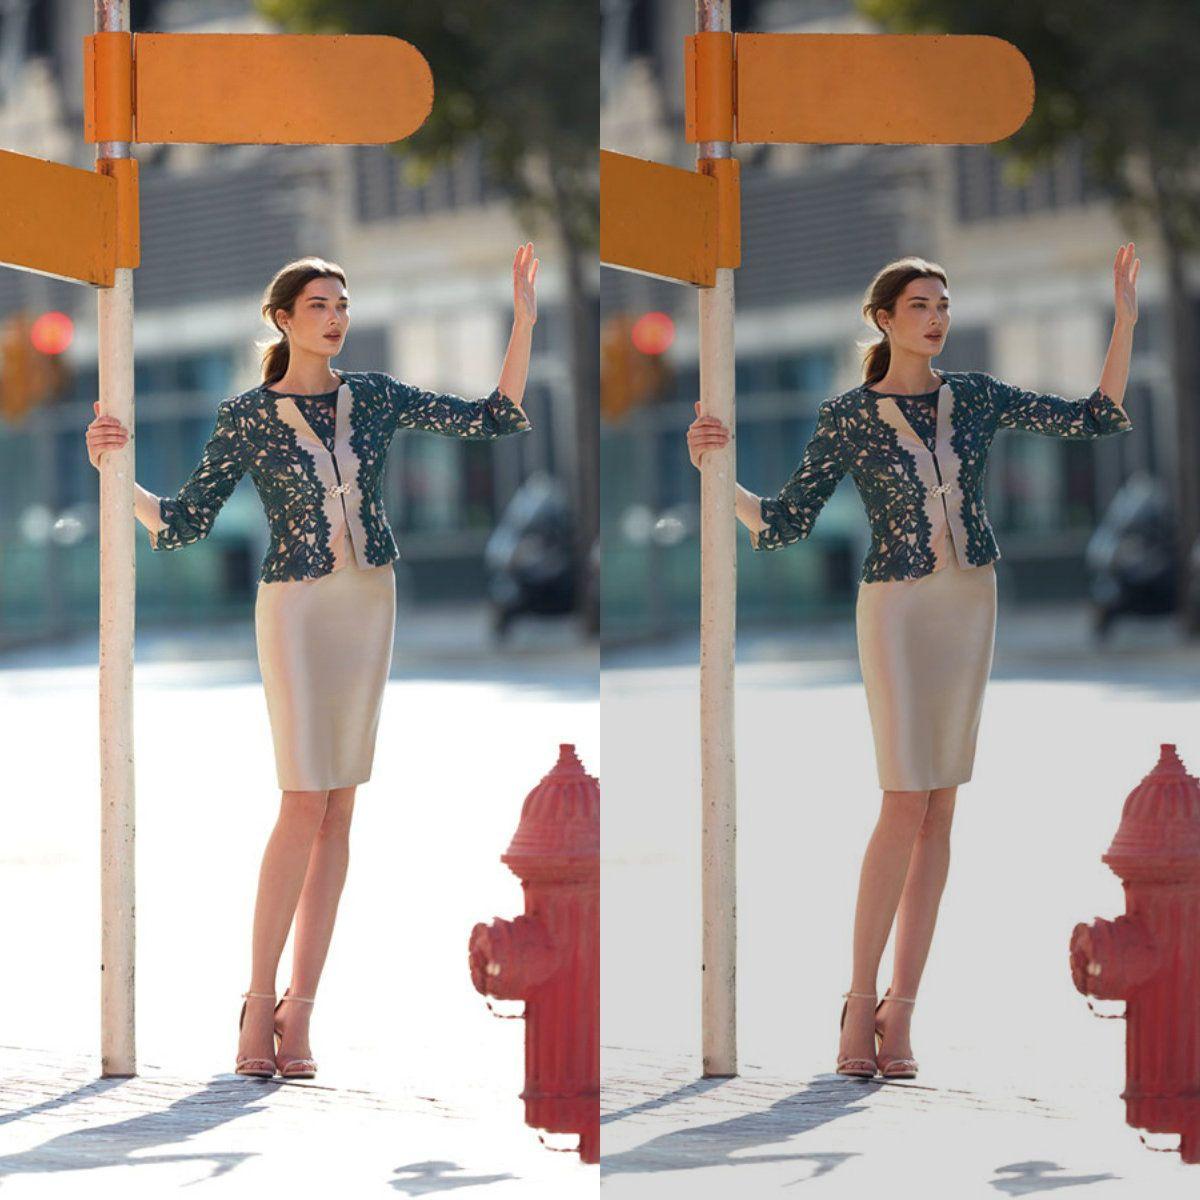 Carla Ruiz Column Column Mote платья драгоценного покрытия 3/4 длинные рукава невесты платье колена длина кружева аппликация